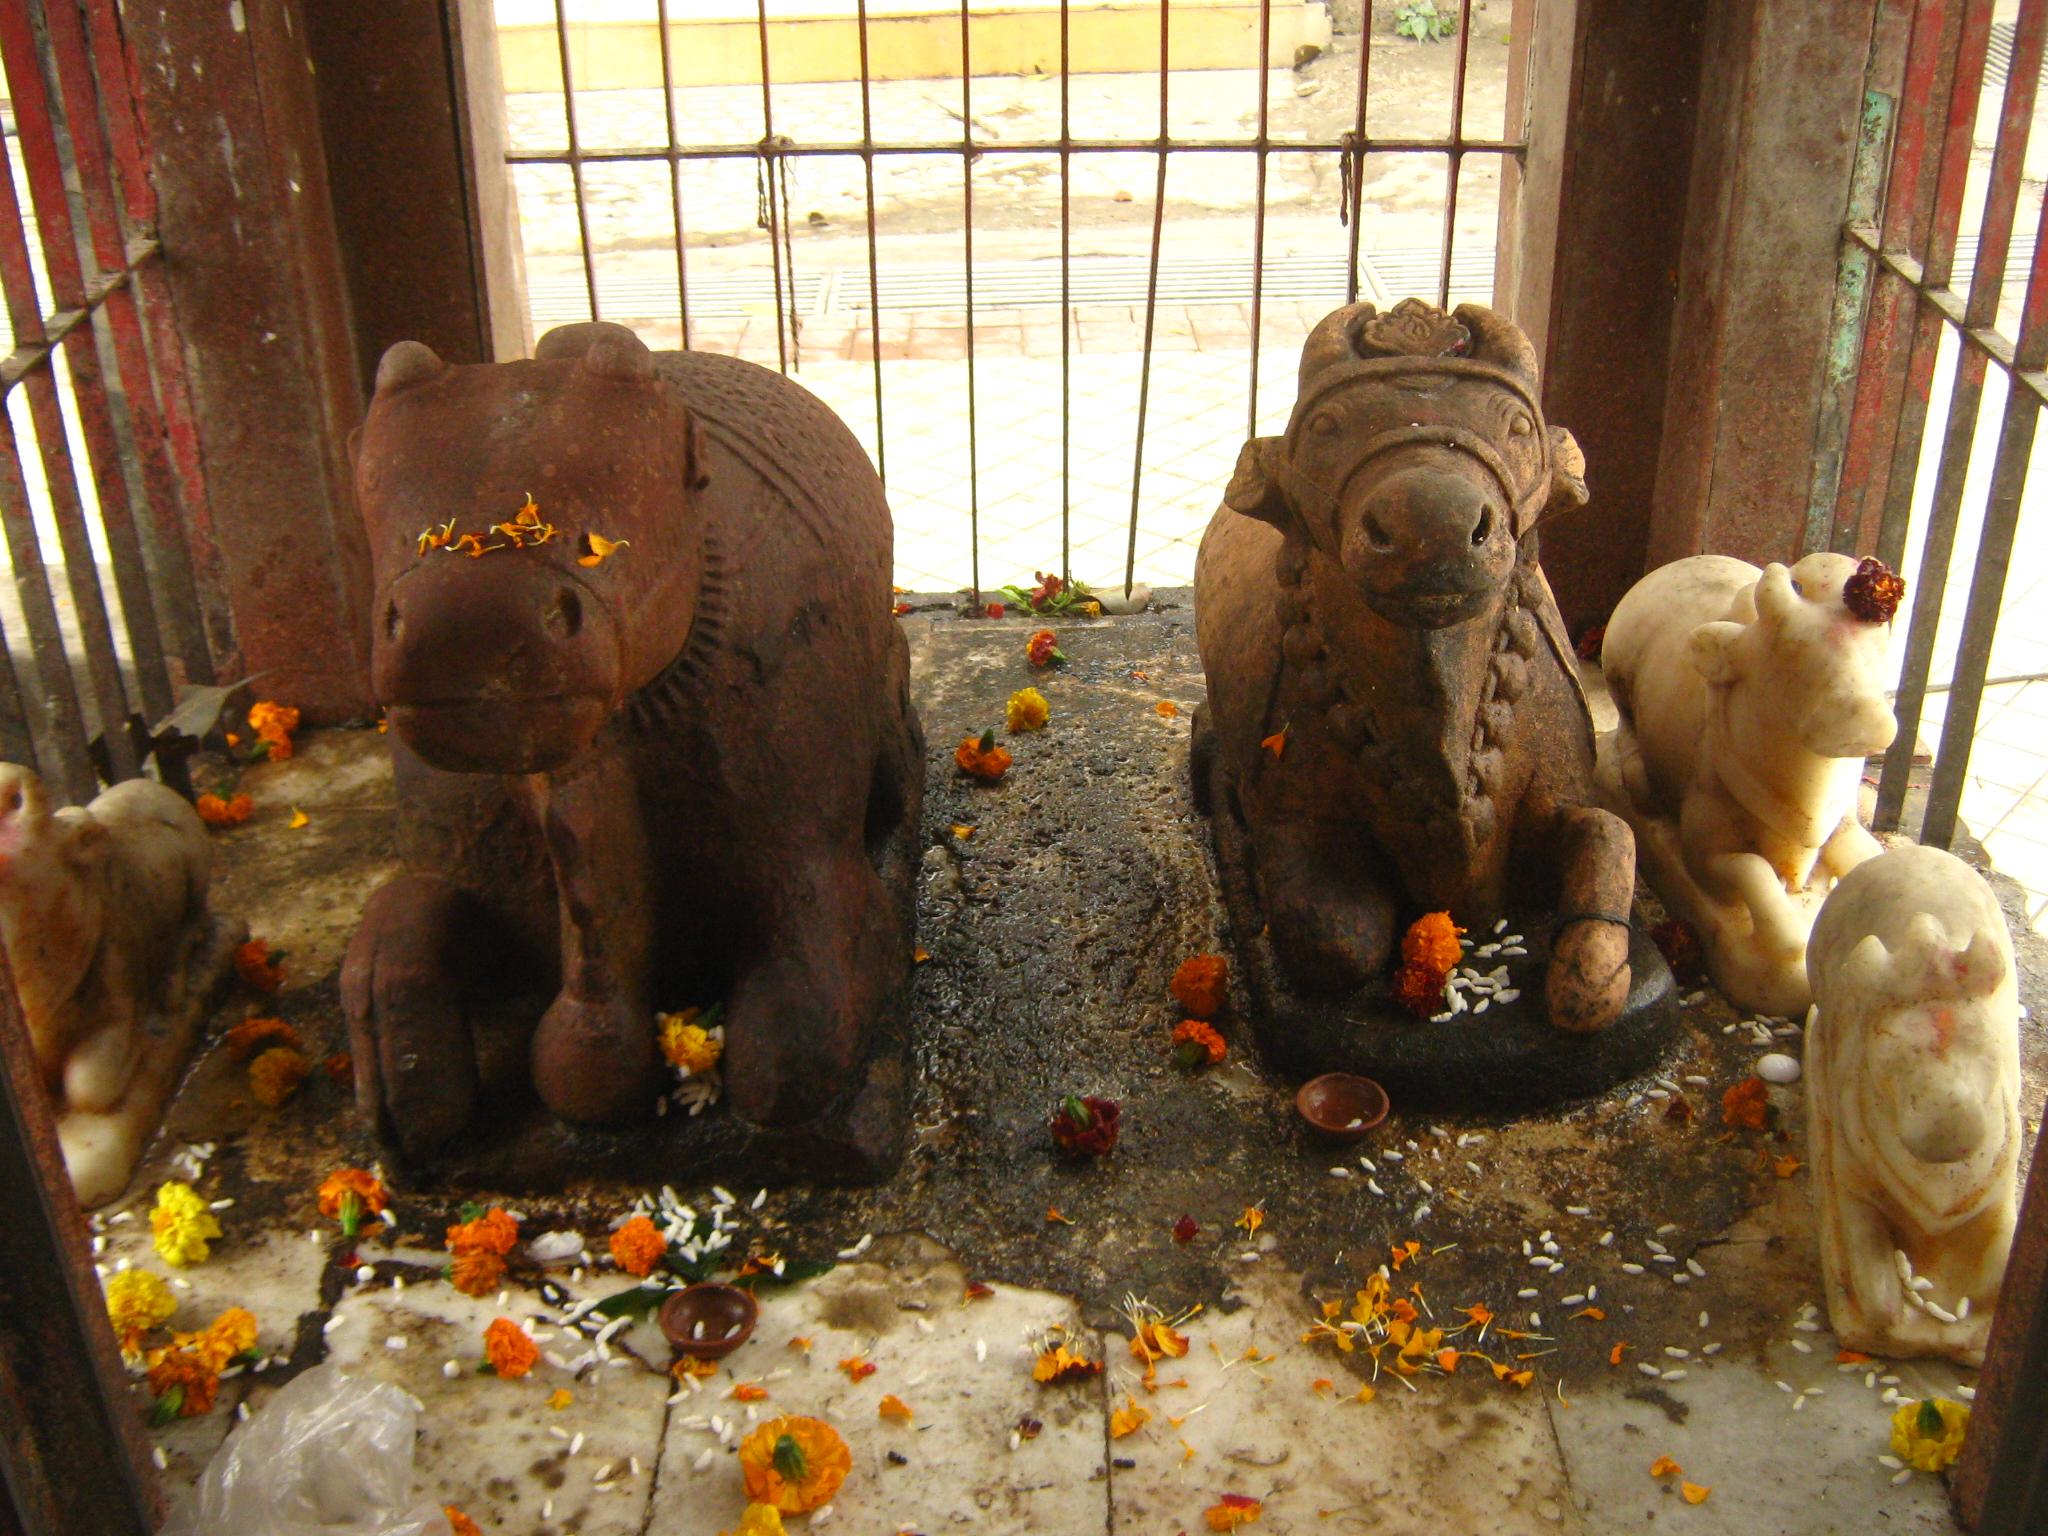 PunjabKesari, Parshurameshwar Pura Mahadev Temple, Parshuram Jayanti, Dharmik Sthal